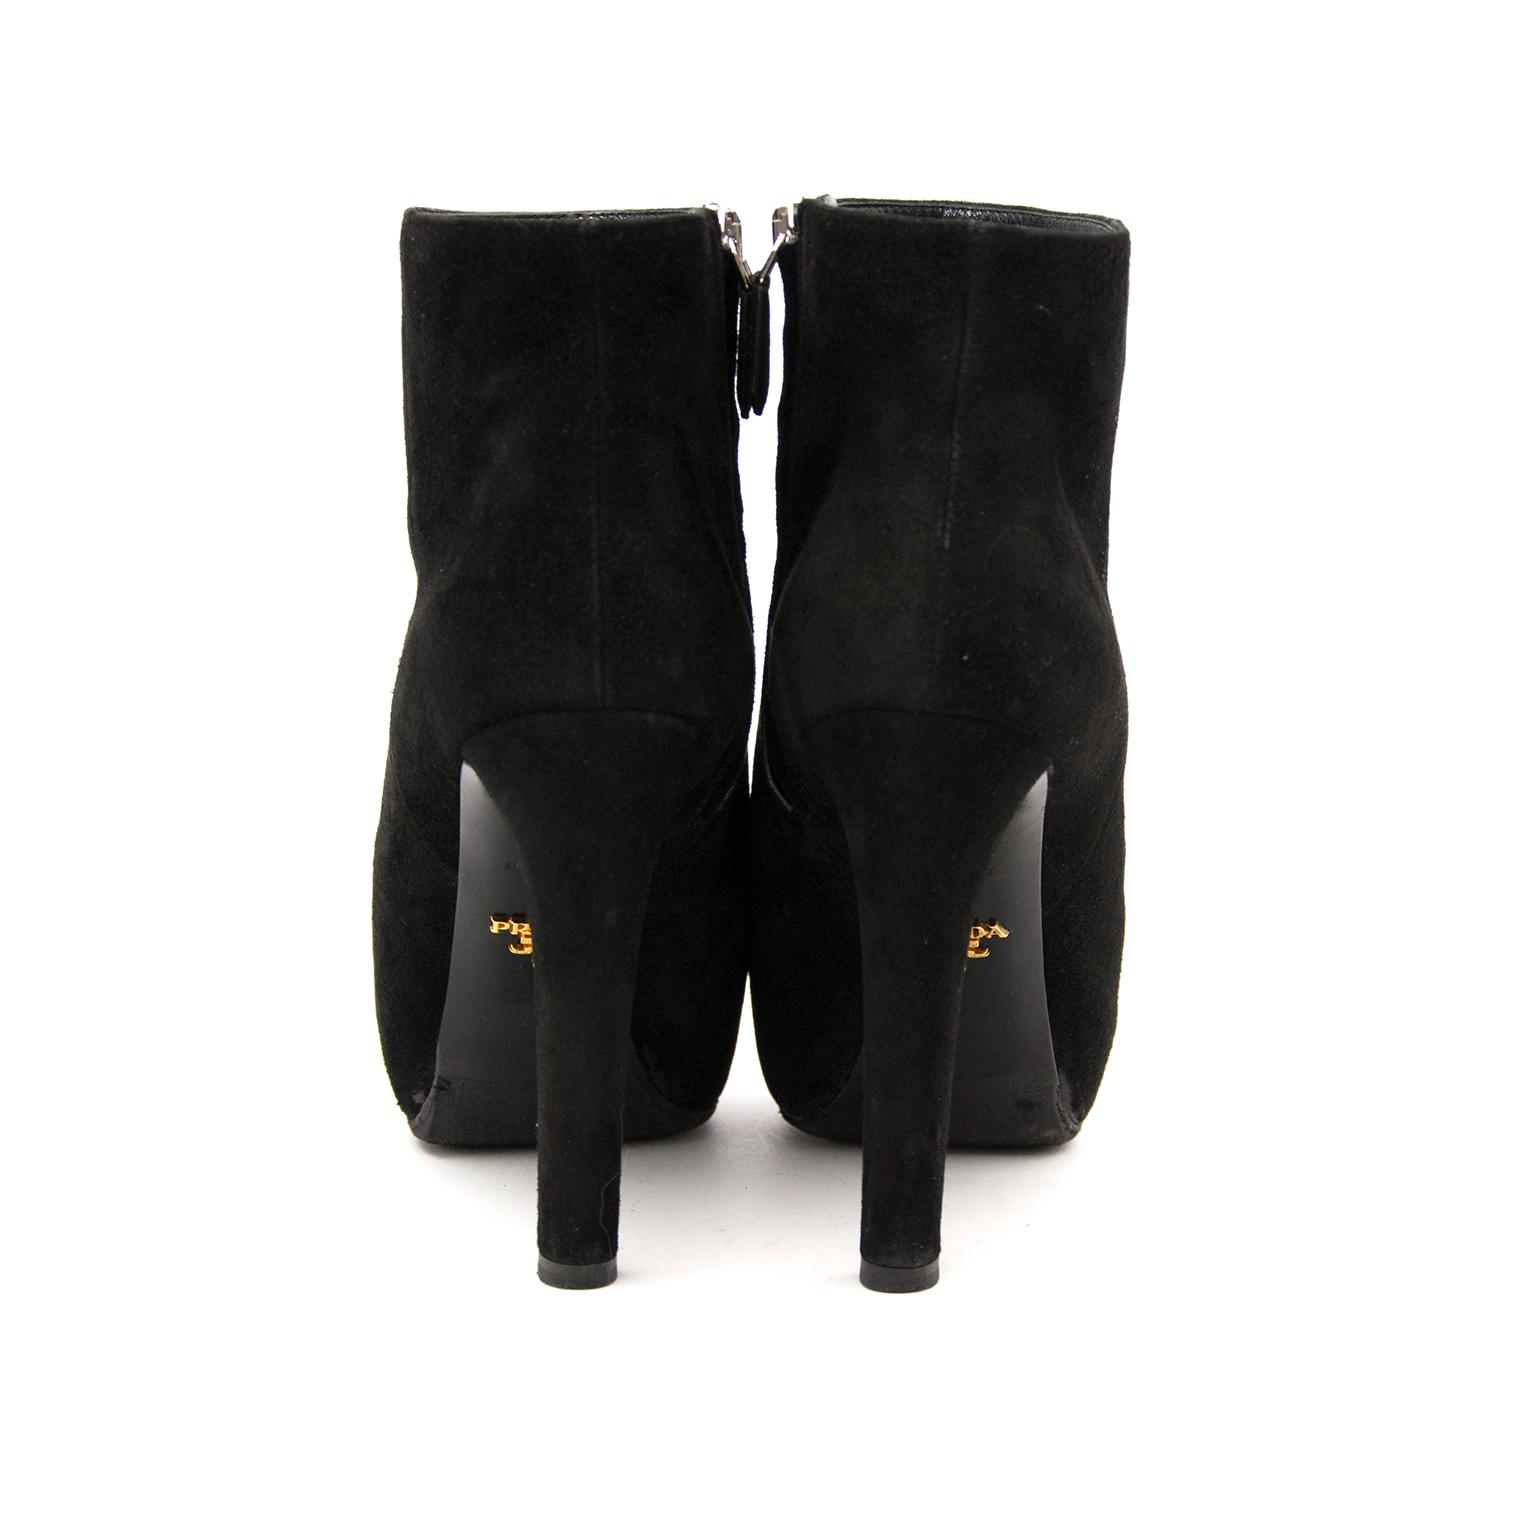 b1b1045ae564 We buy and sell your Prada Suede Platform Booties online Laarzen van de  grootste Italiaanse merken aan de beste prijs bij Labellov